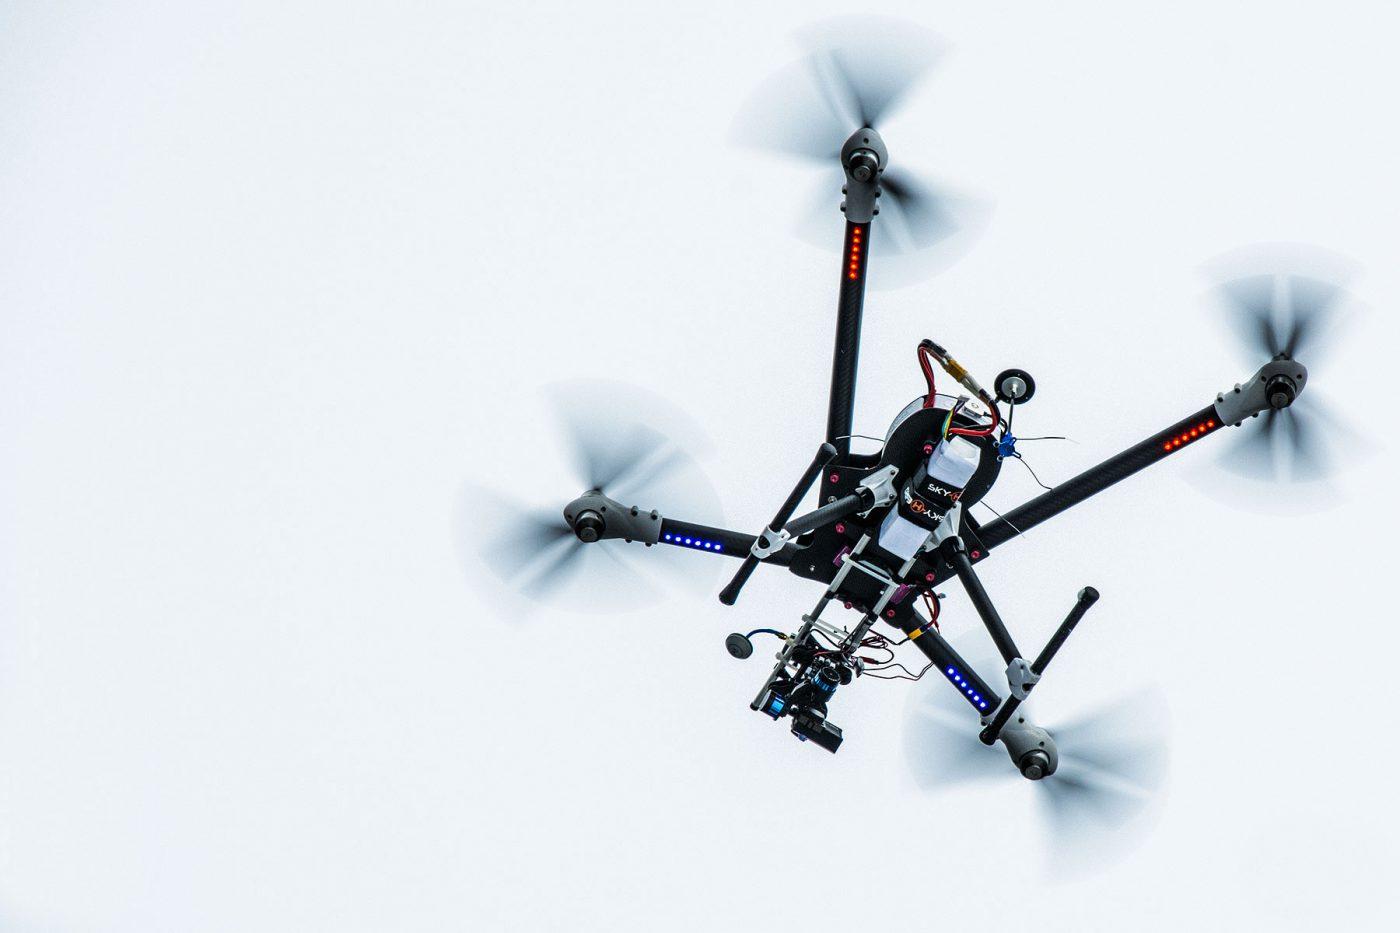 Modellflug-Sicherheitsnetze